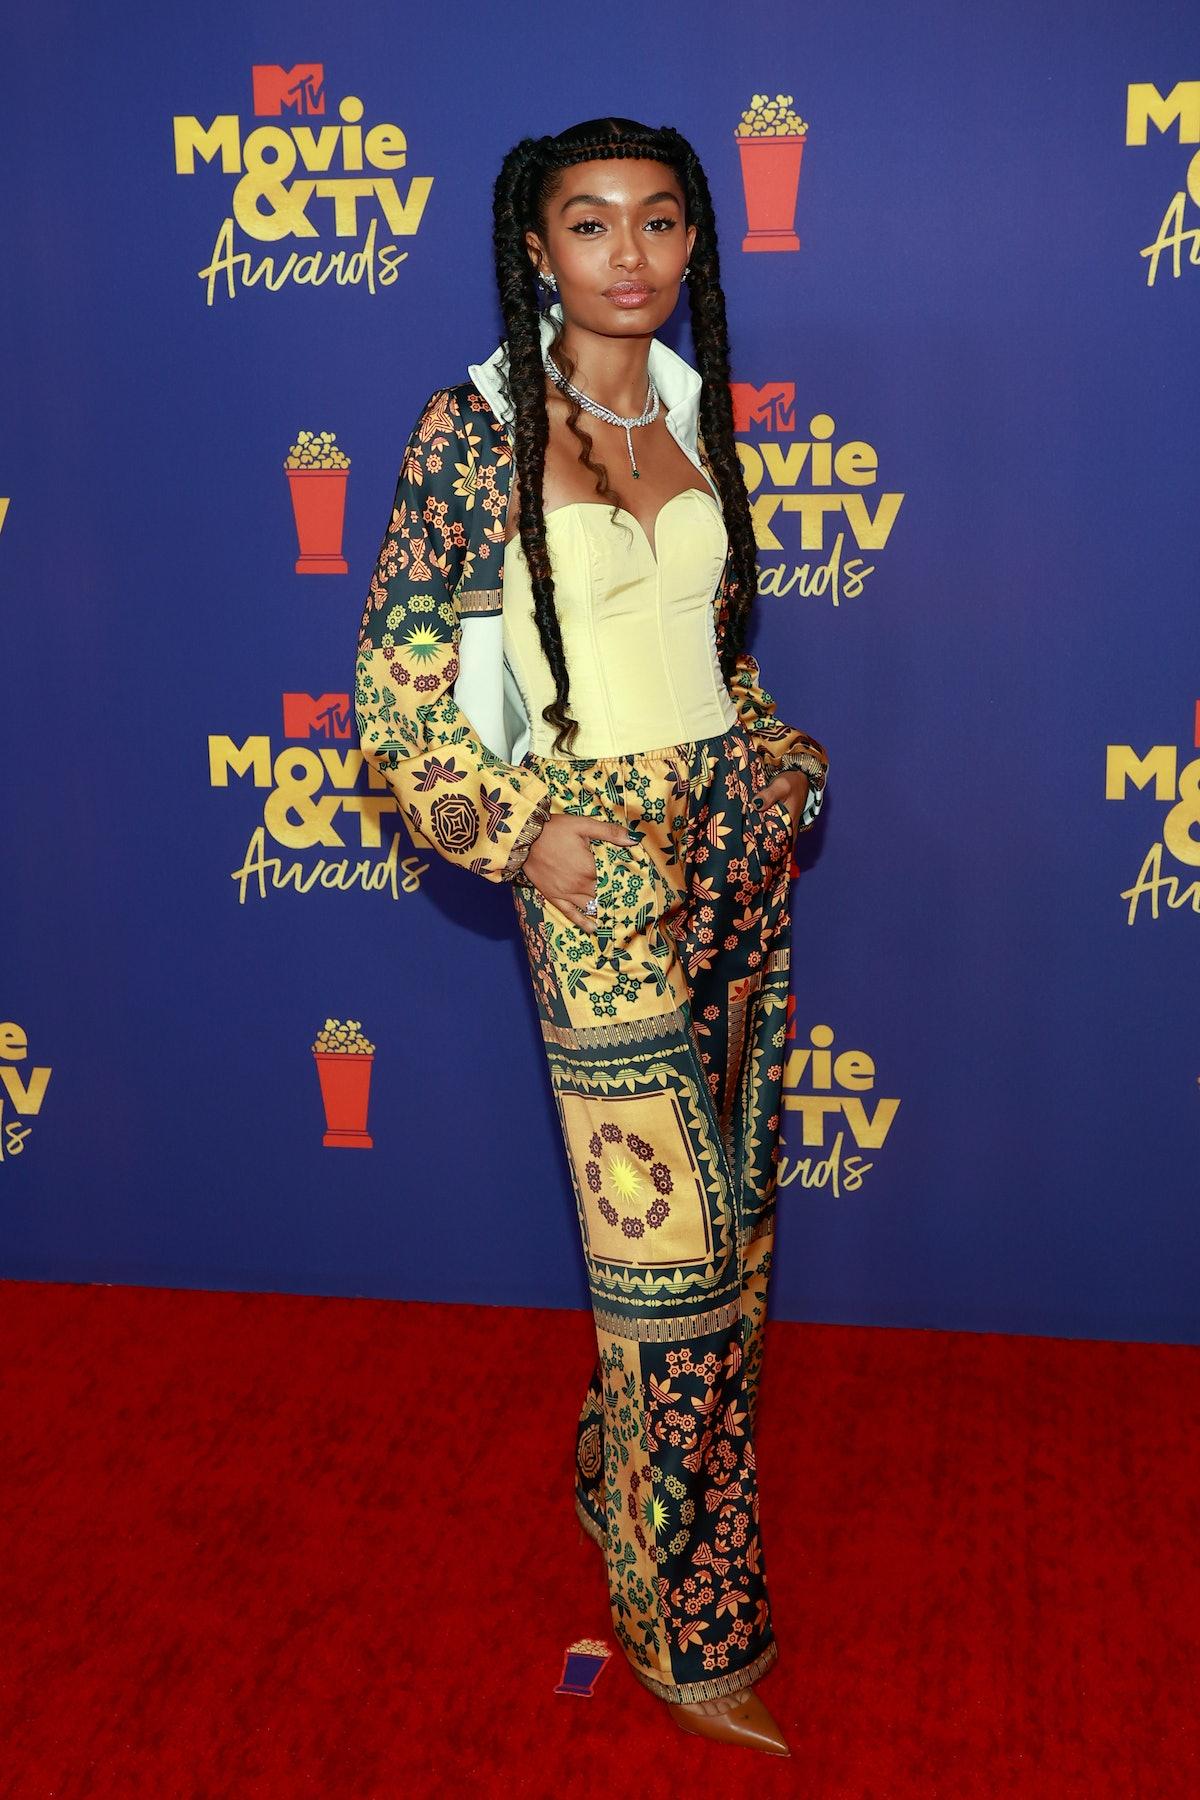 LOS ANGELES, CALIFORNIA - MAY 16: Yara Shahidi attends the 2021 MTV Movie & TV Awards at the Hollywo...